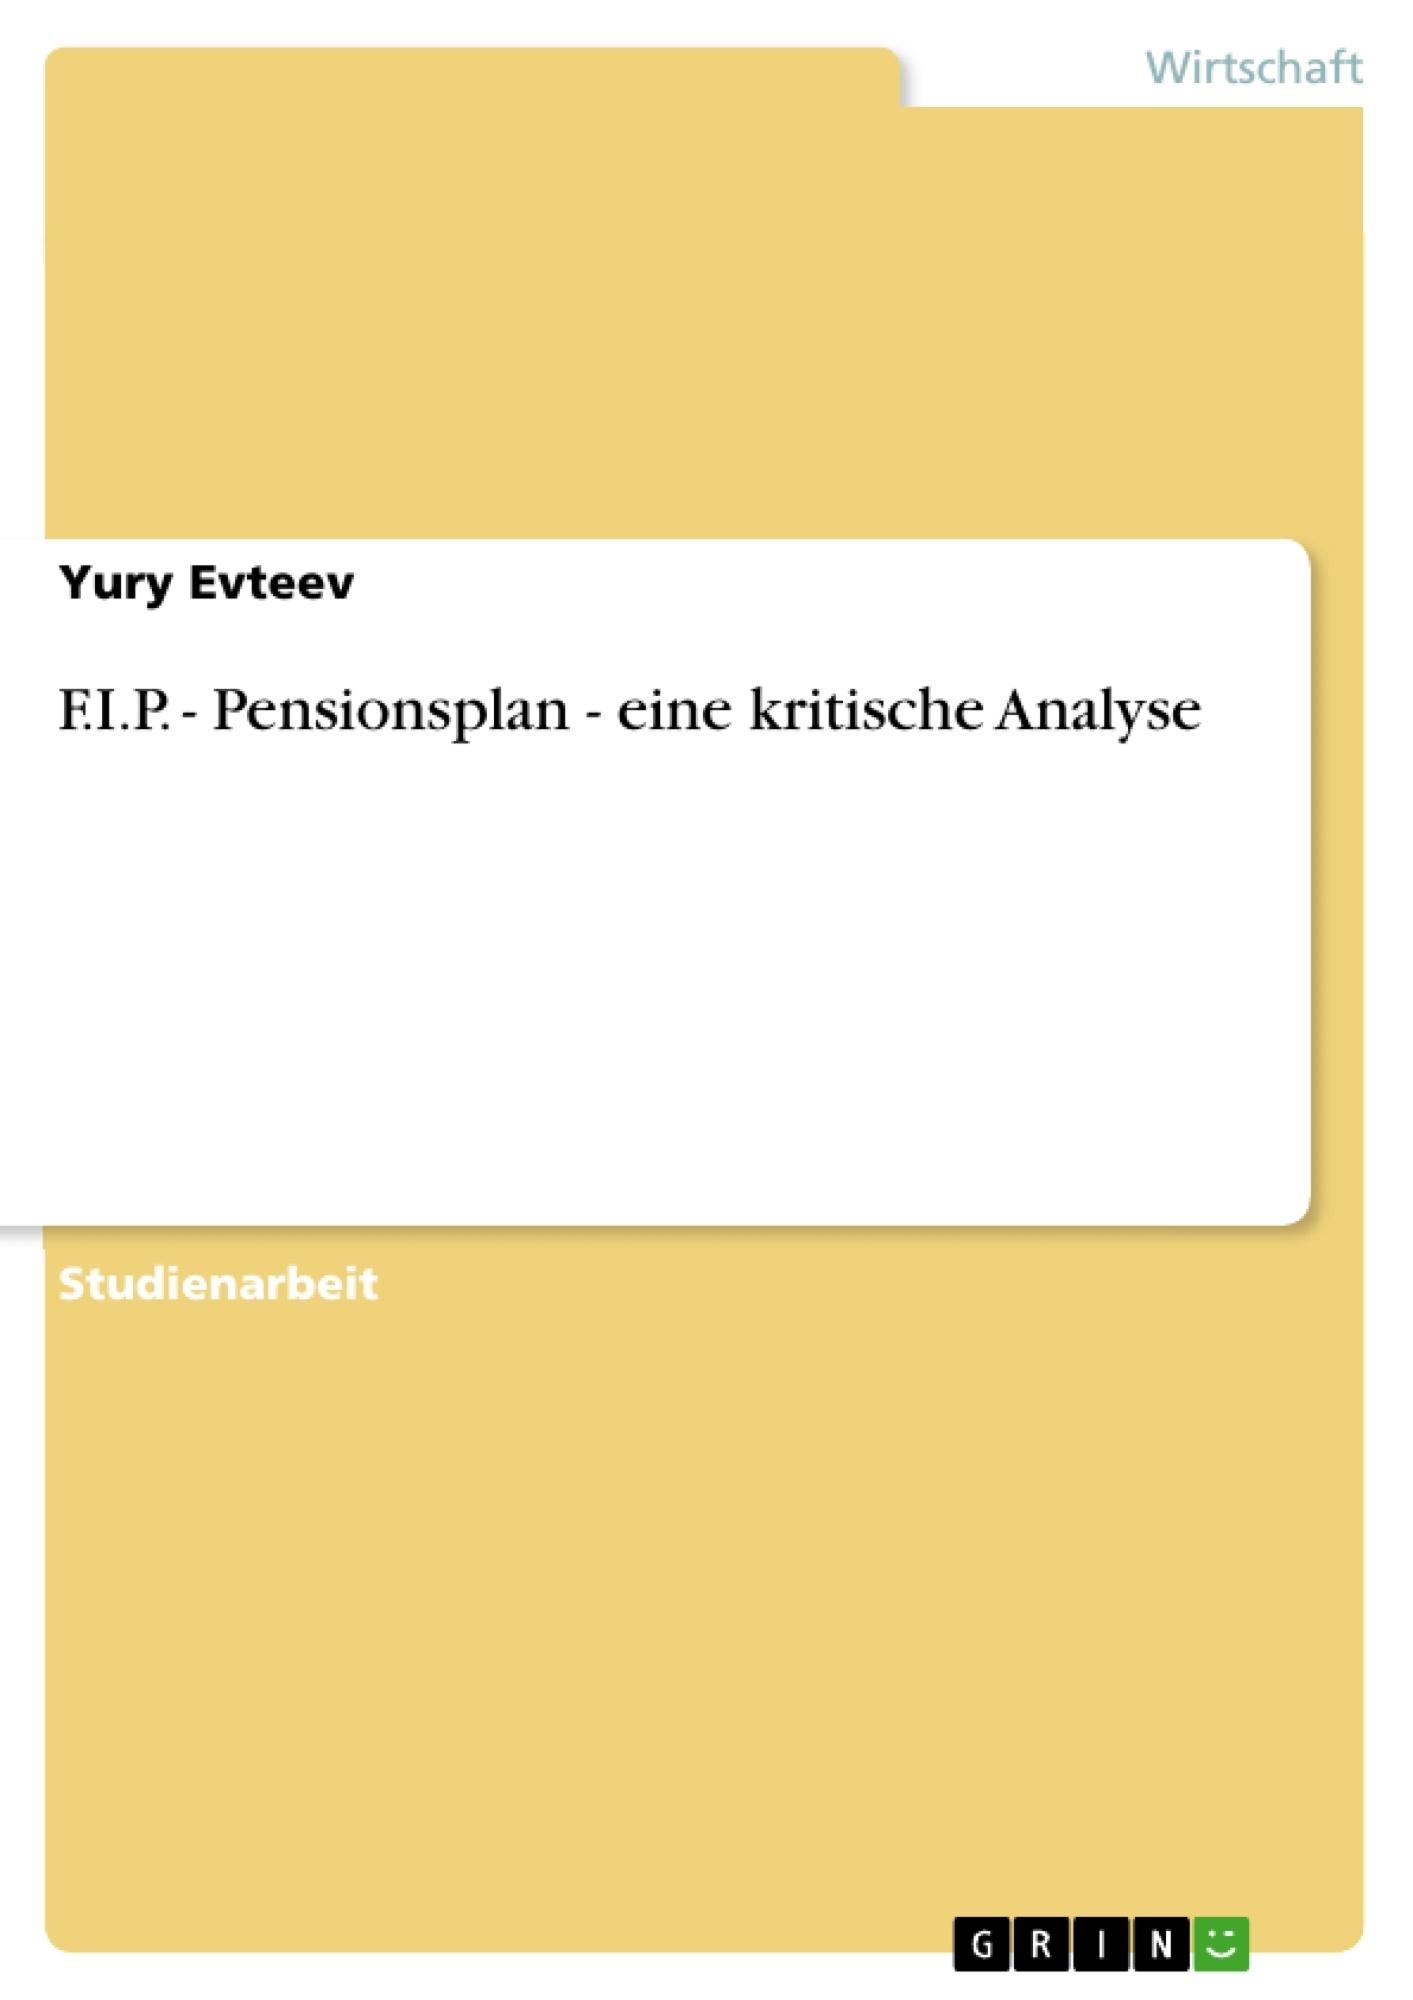 Titel: F.I.P. - Pensionsplan - eine kritische Analyse